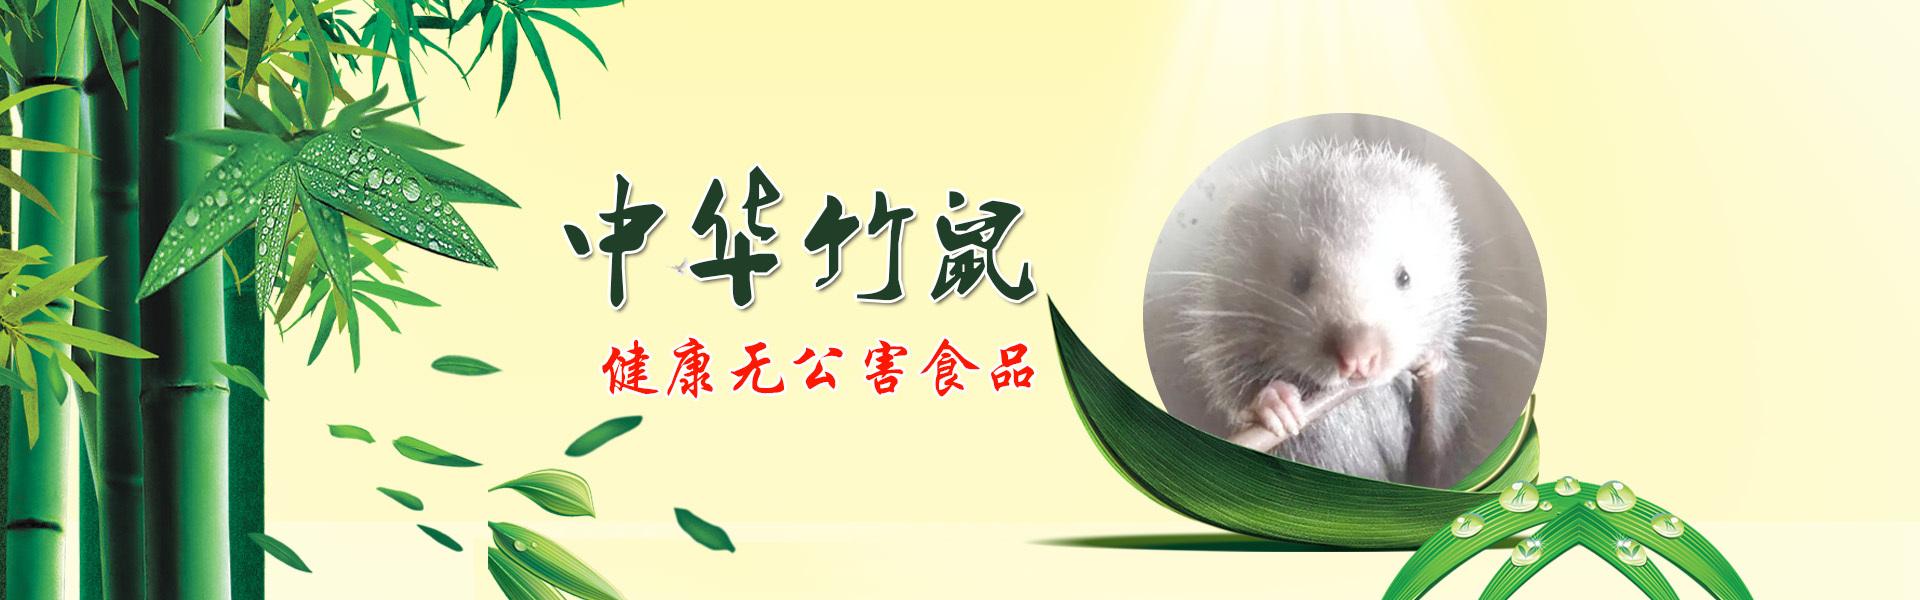 广西中华竹鼠